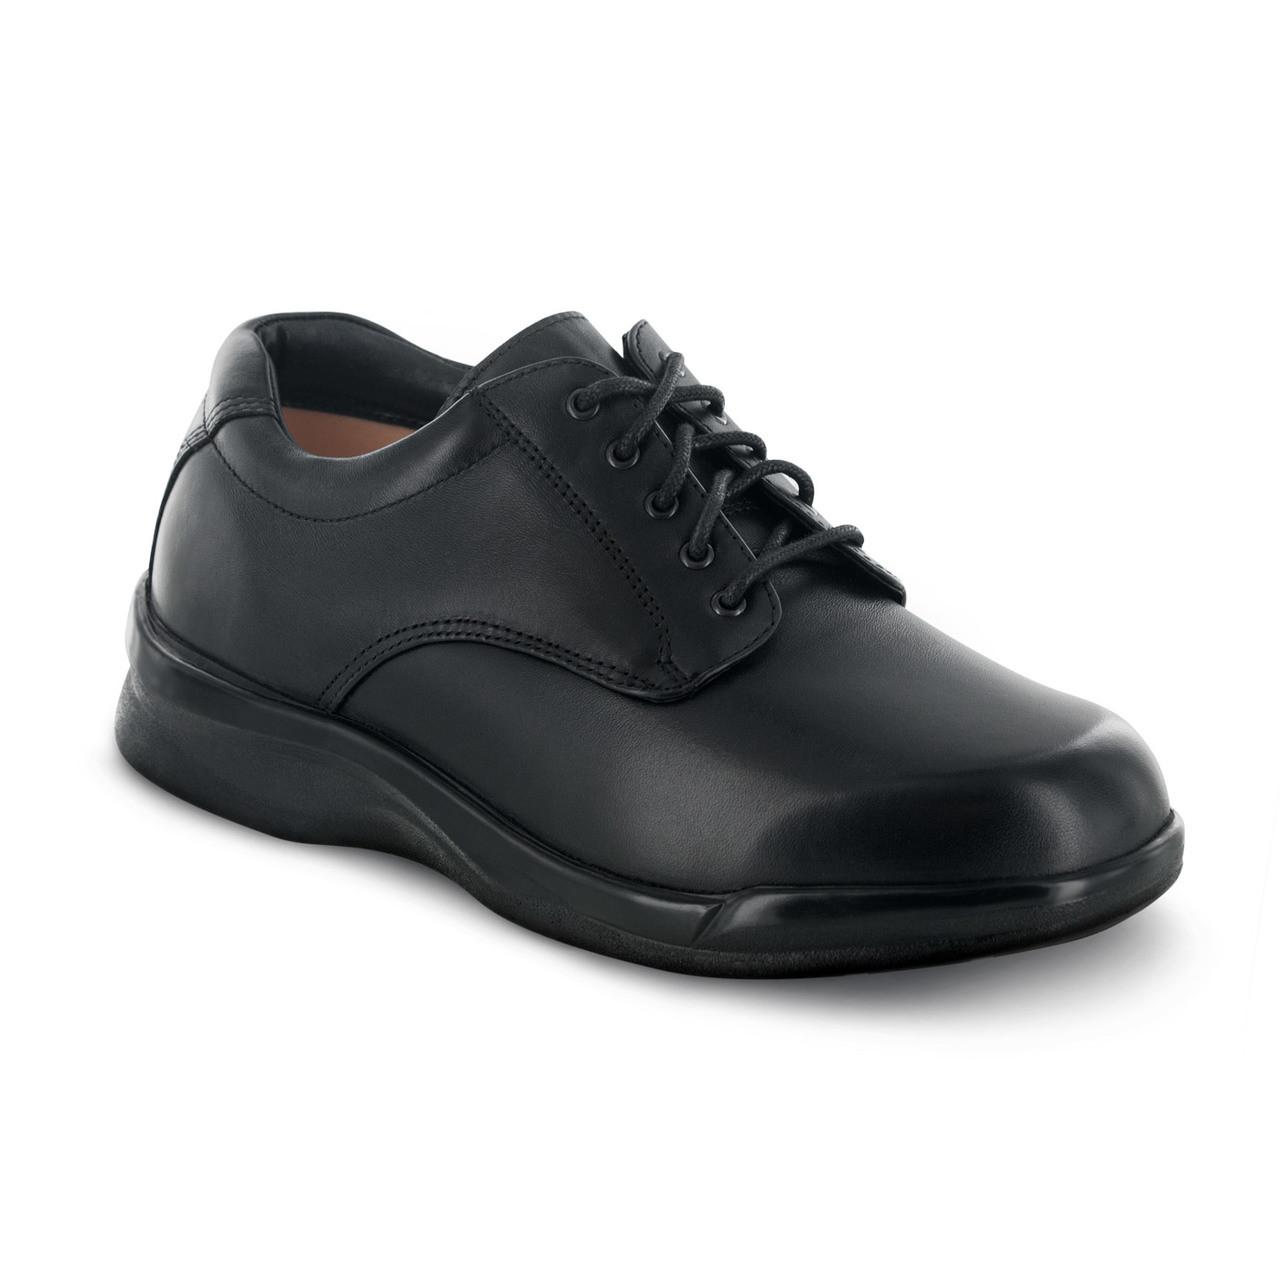 Conform Classic Oxford Black